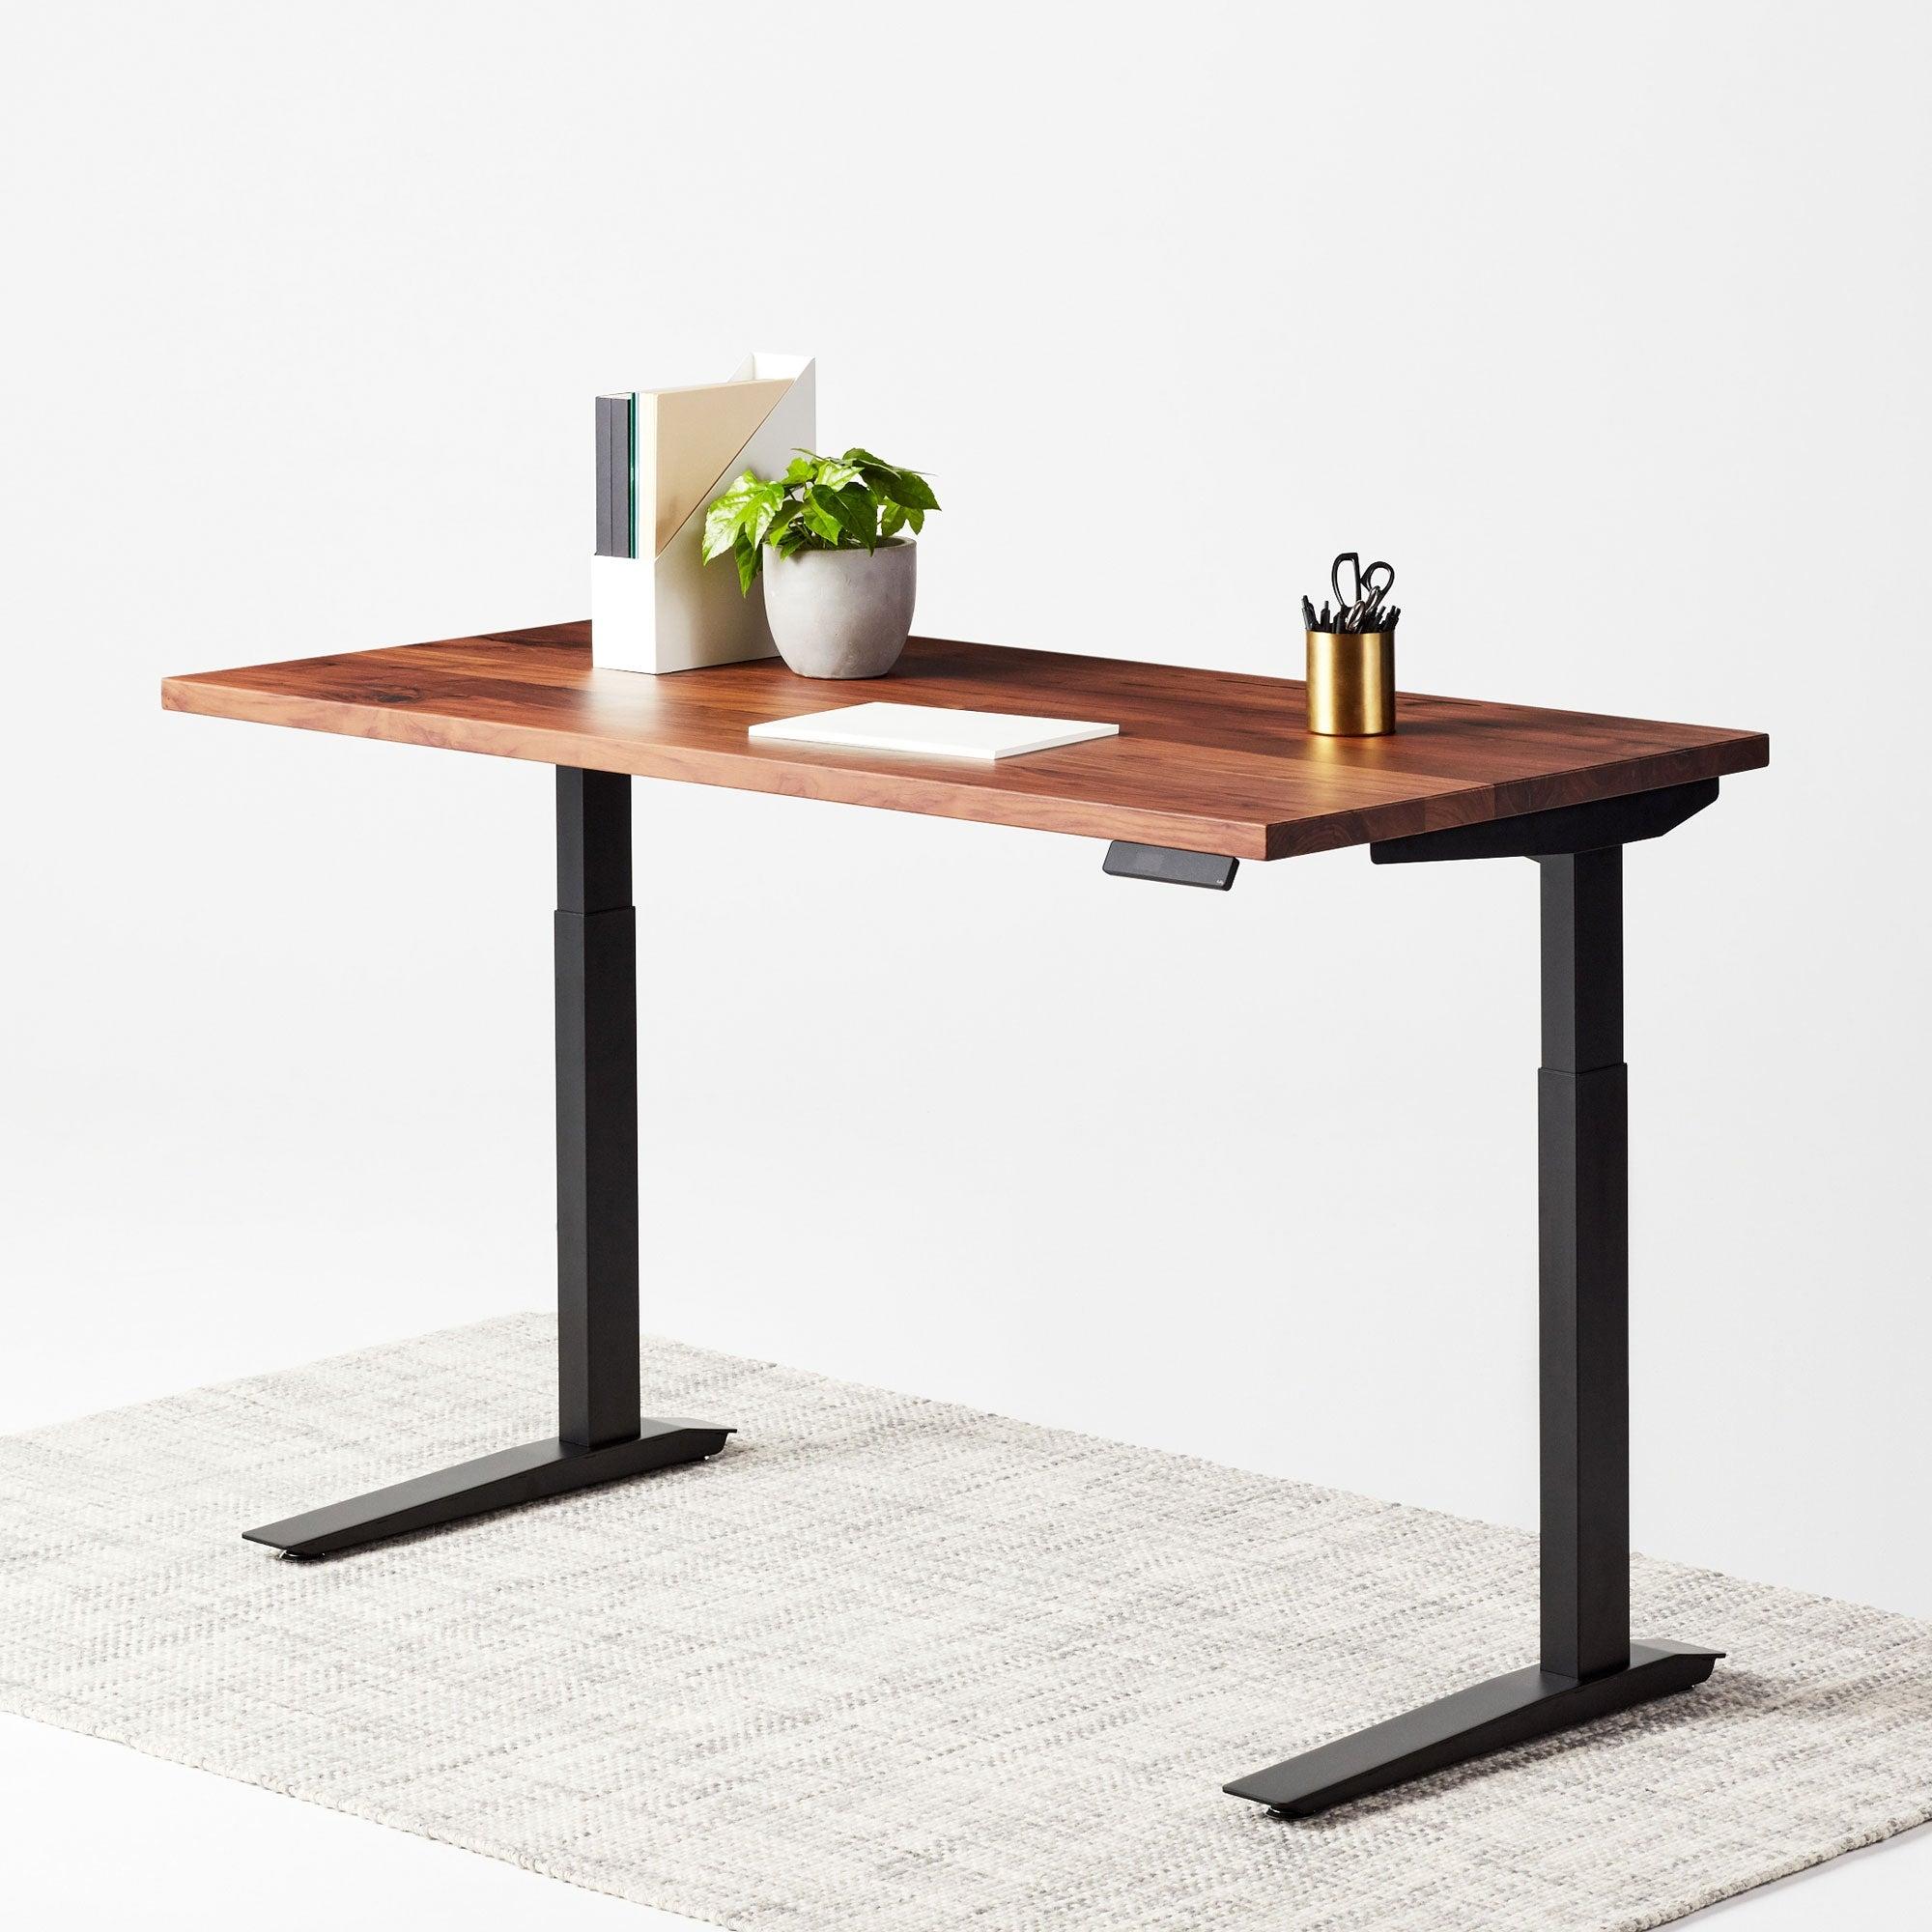 میز بالا و پاییین شونده متحرک